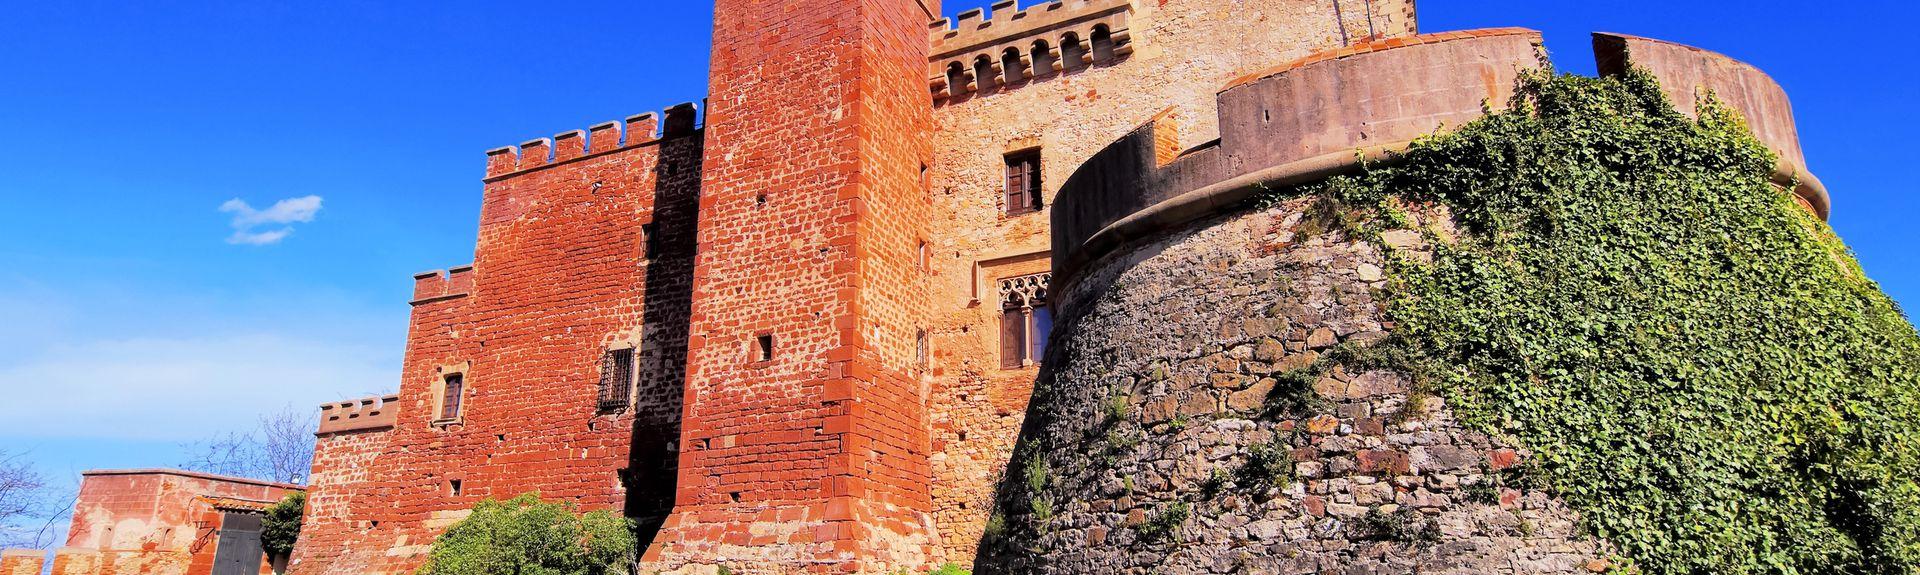 Castelldefels, Catalunha, Espanha